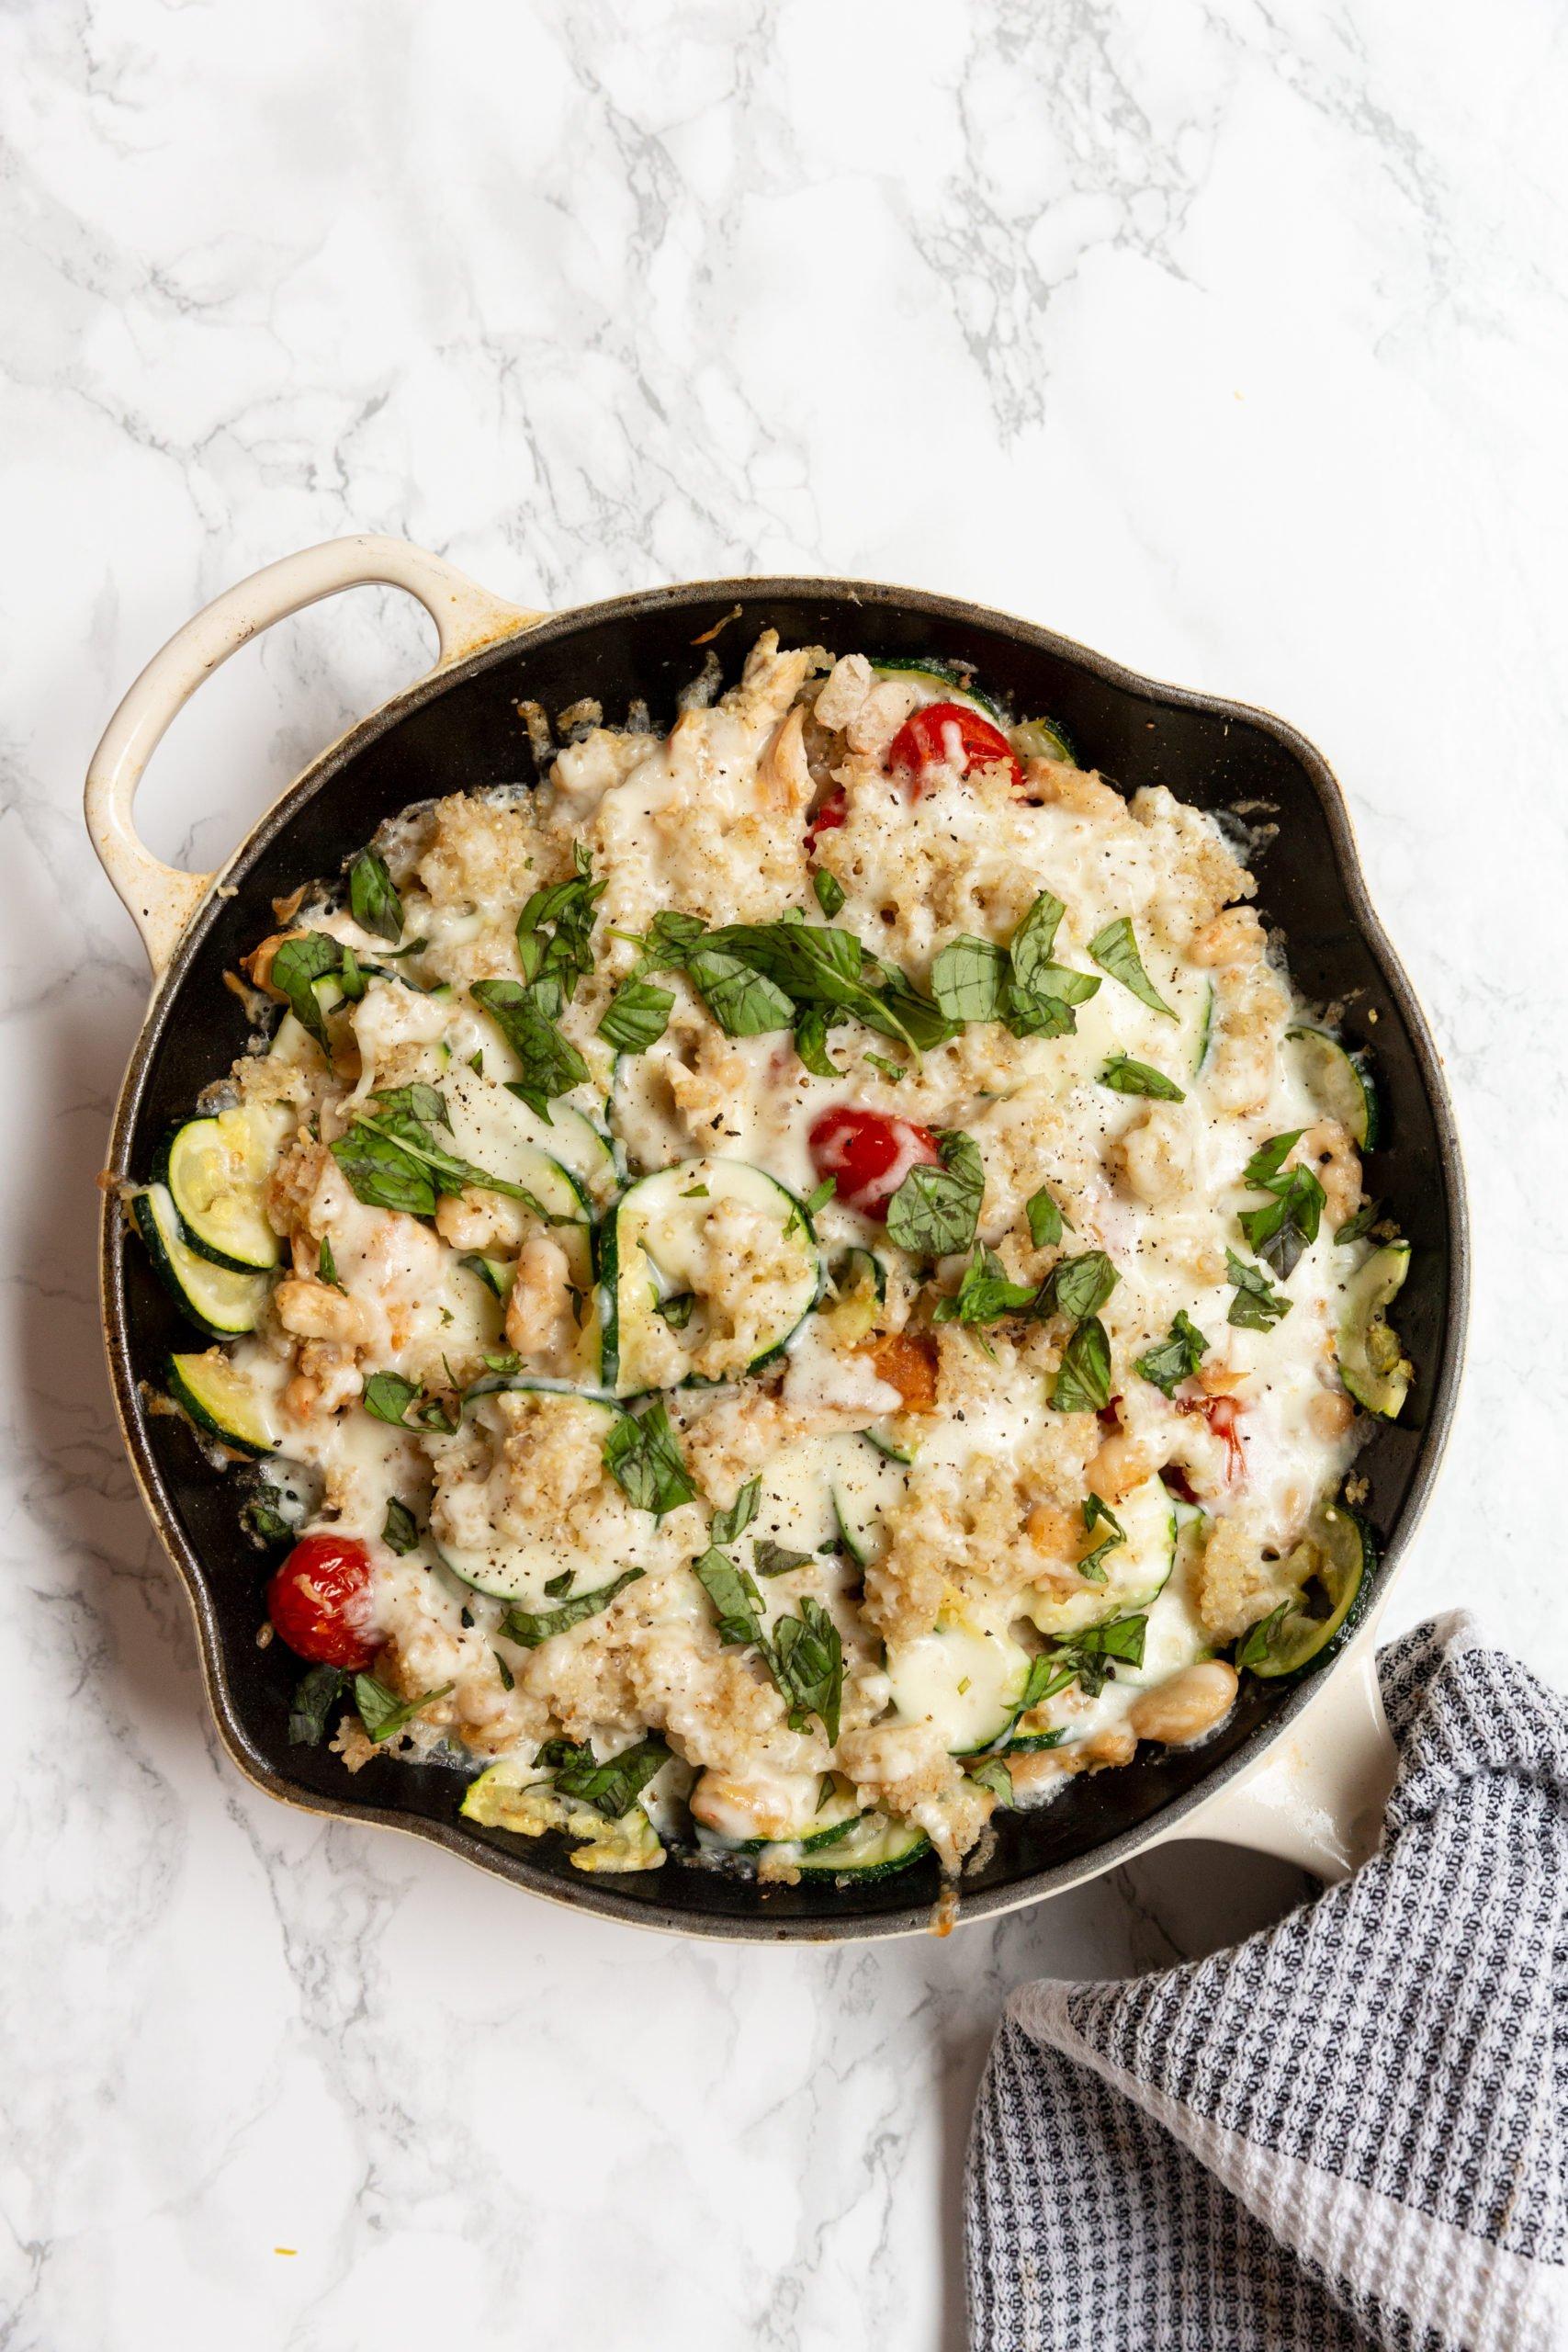 Caprese Zucchini and Quinoa Skillet with Chicken